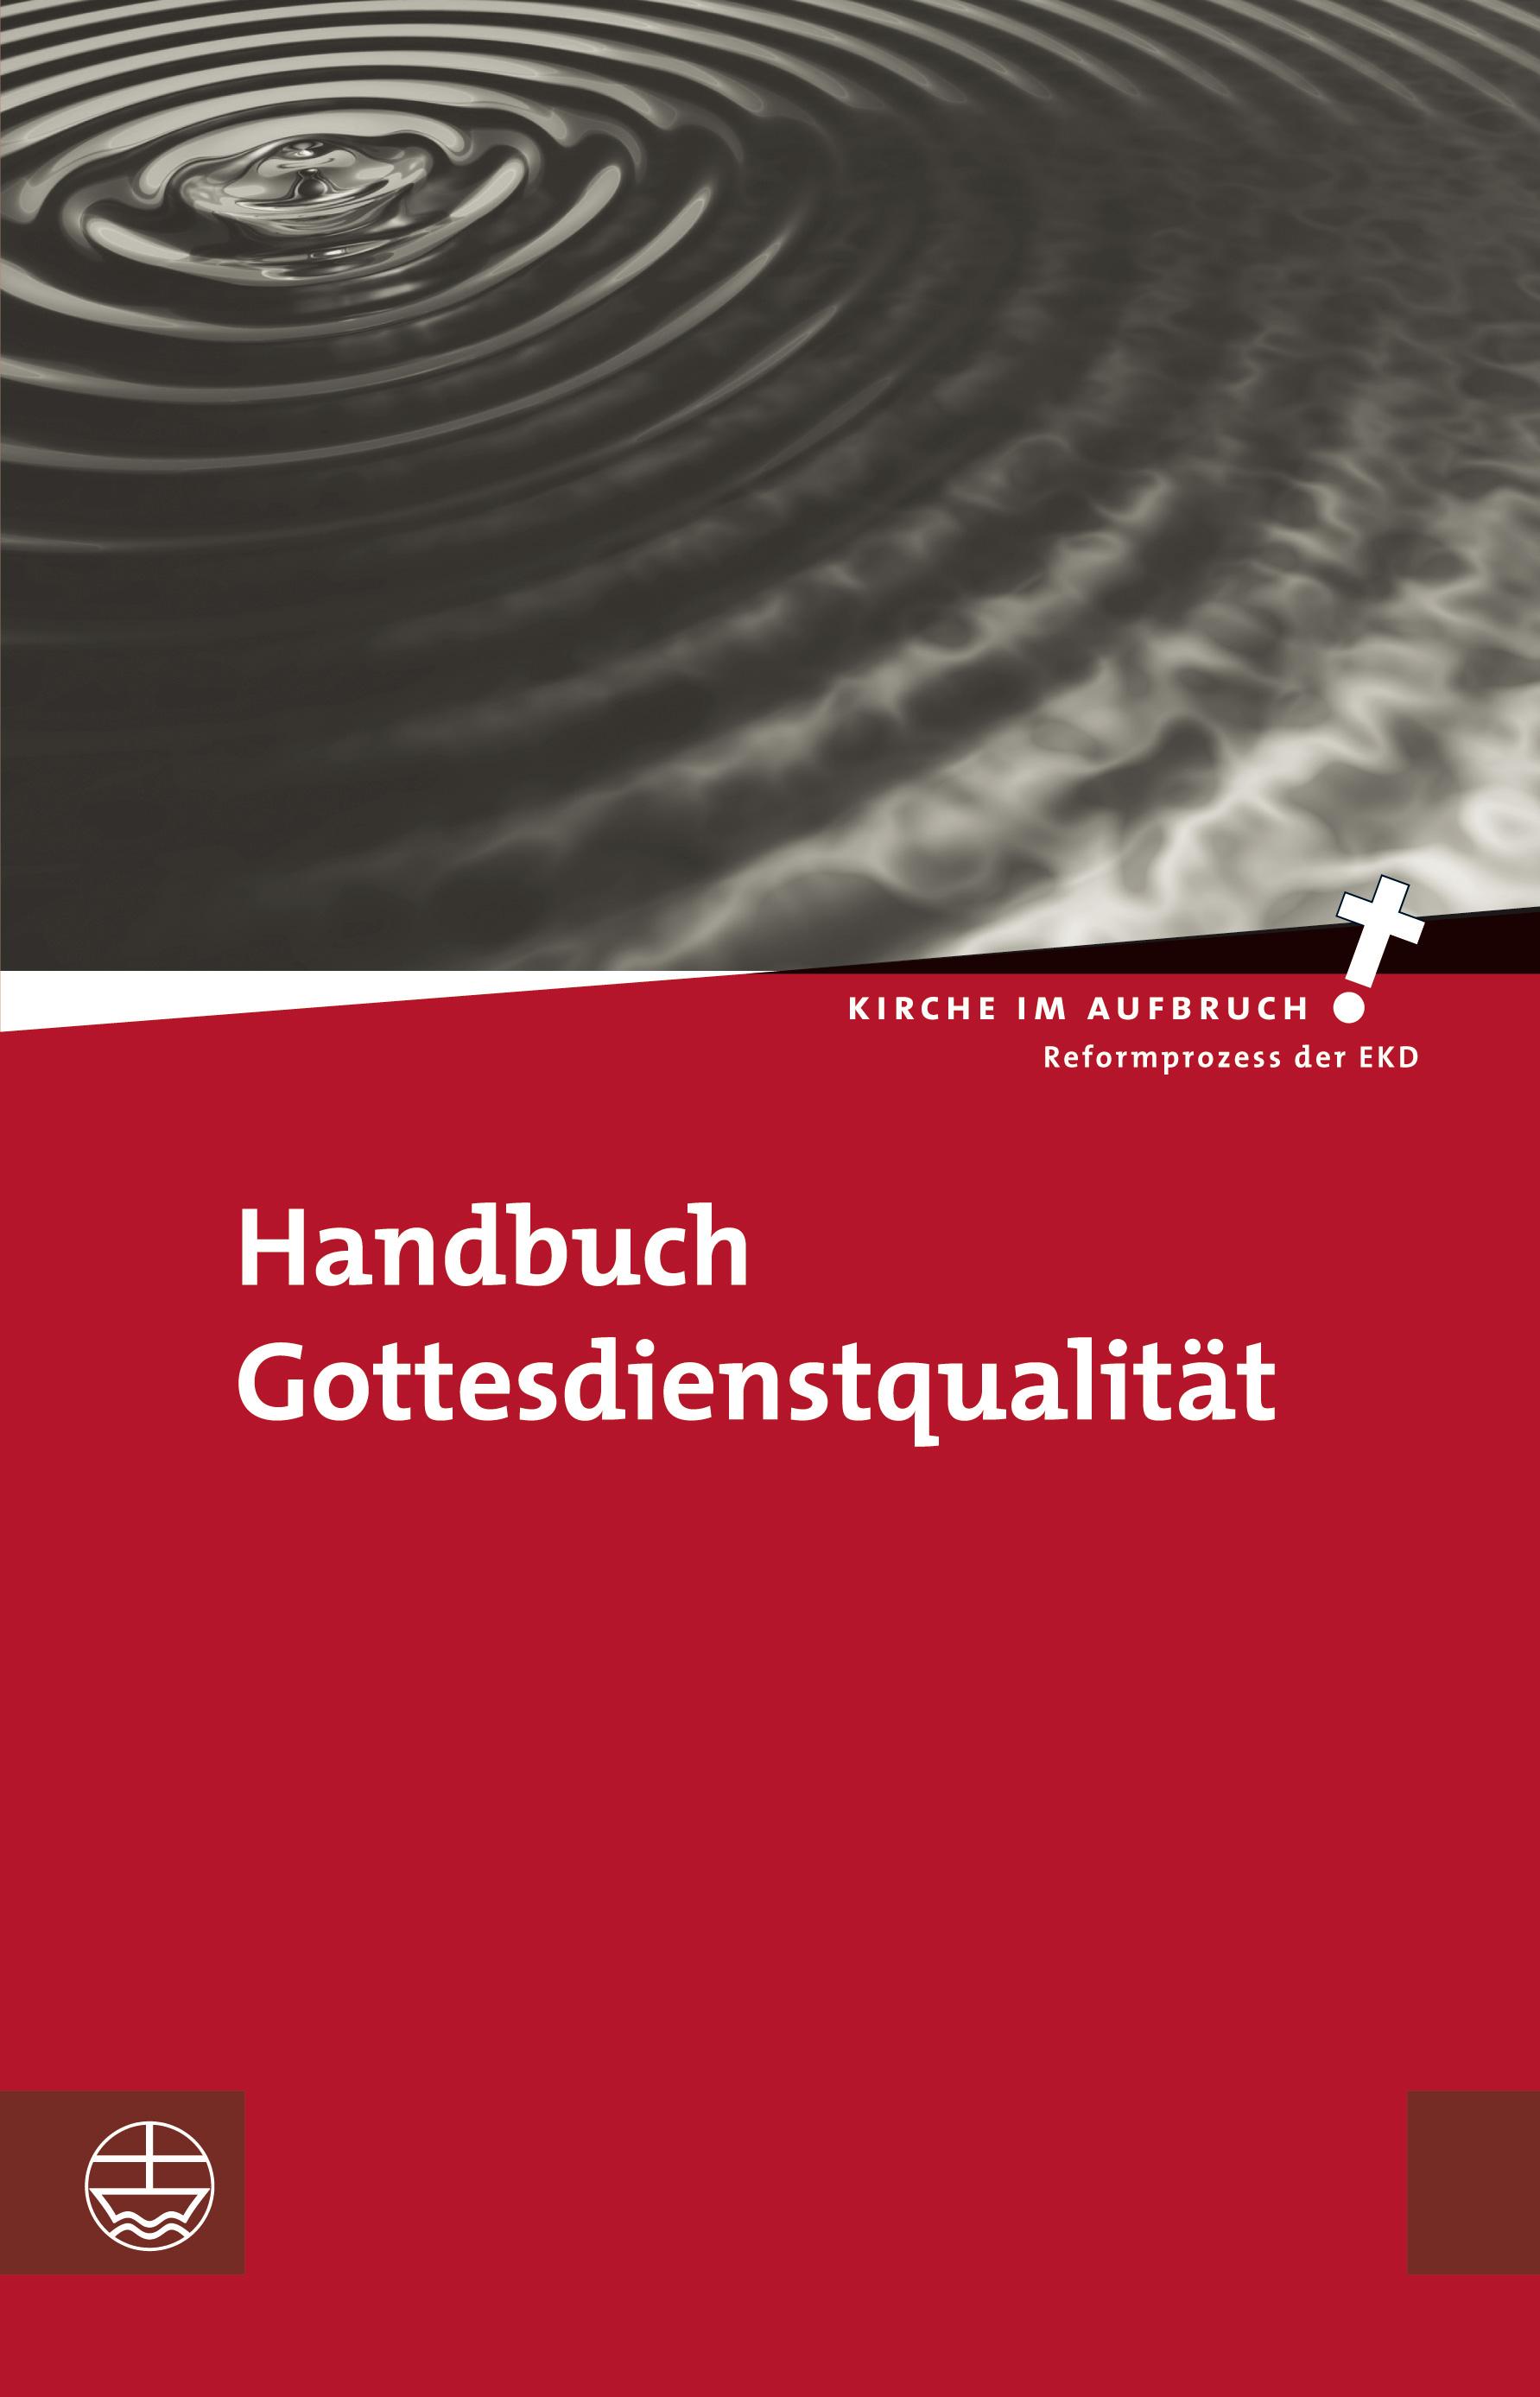 Handbuch Gottesdienstq...